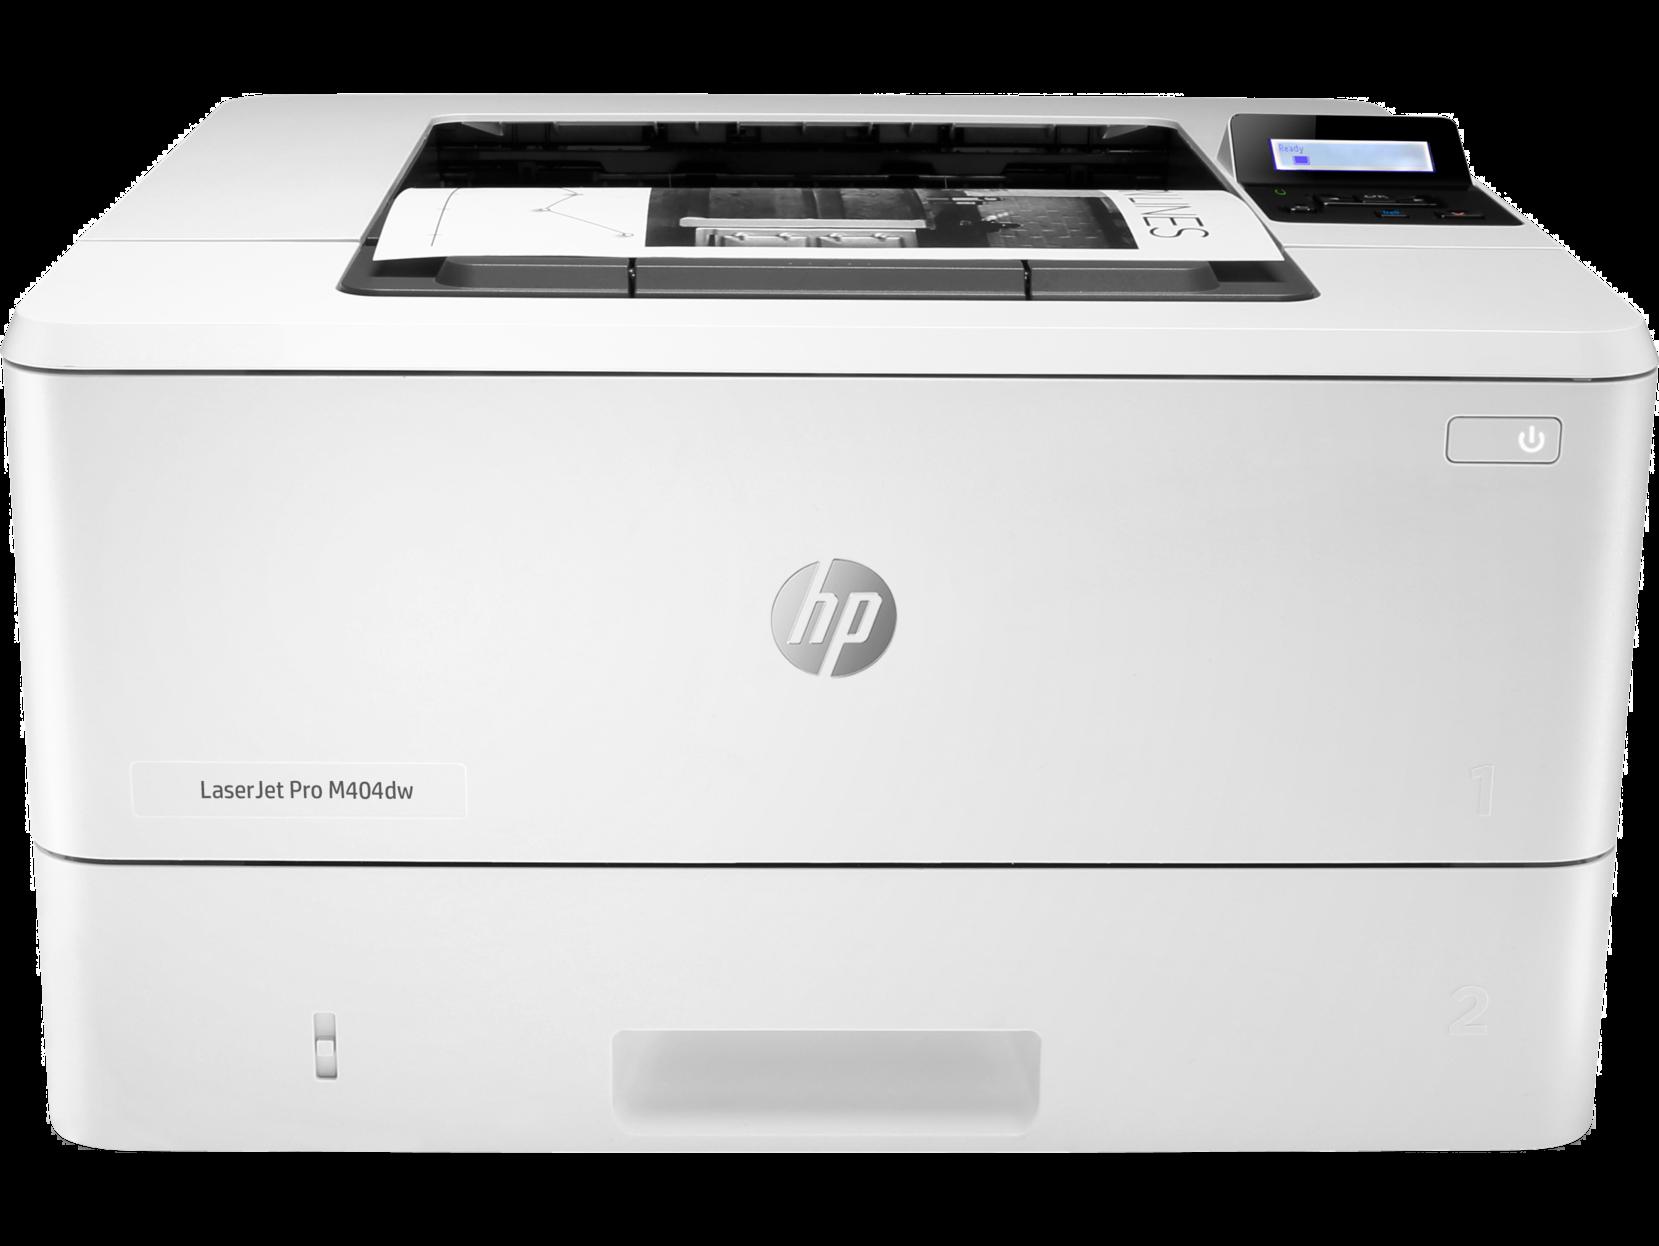 Máy in đen trắng HP 404dw có tốt không? Đánh giá máy in đơn năng 404dw